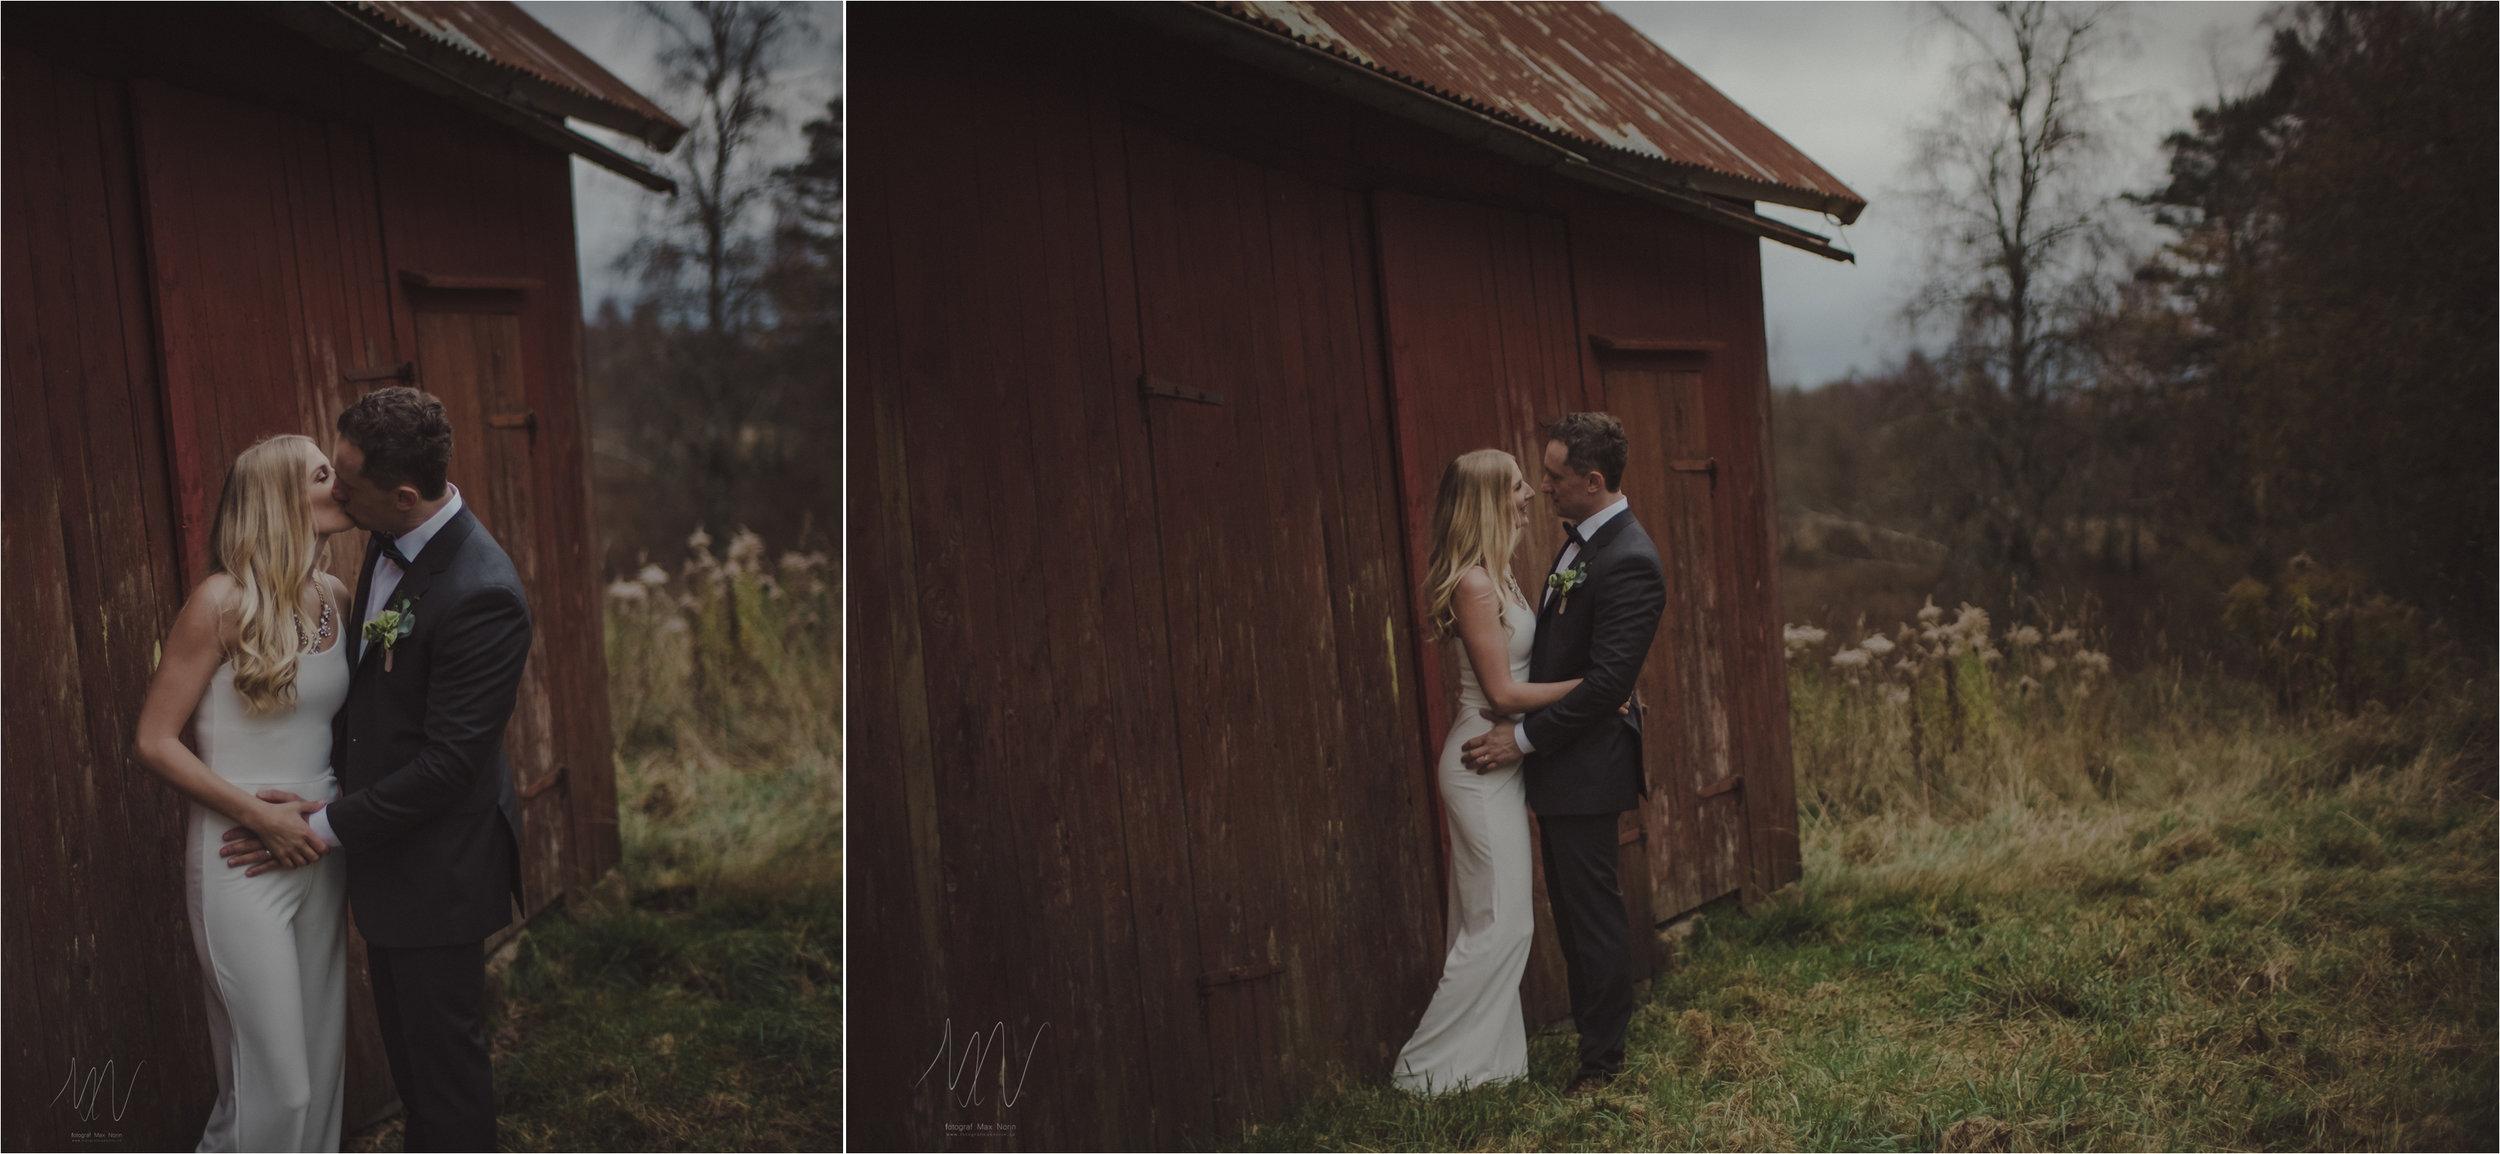 bröllopsfoto-fotograf-max-norin-7.jpg